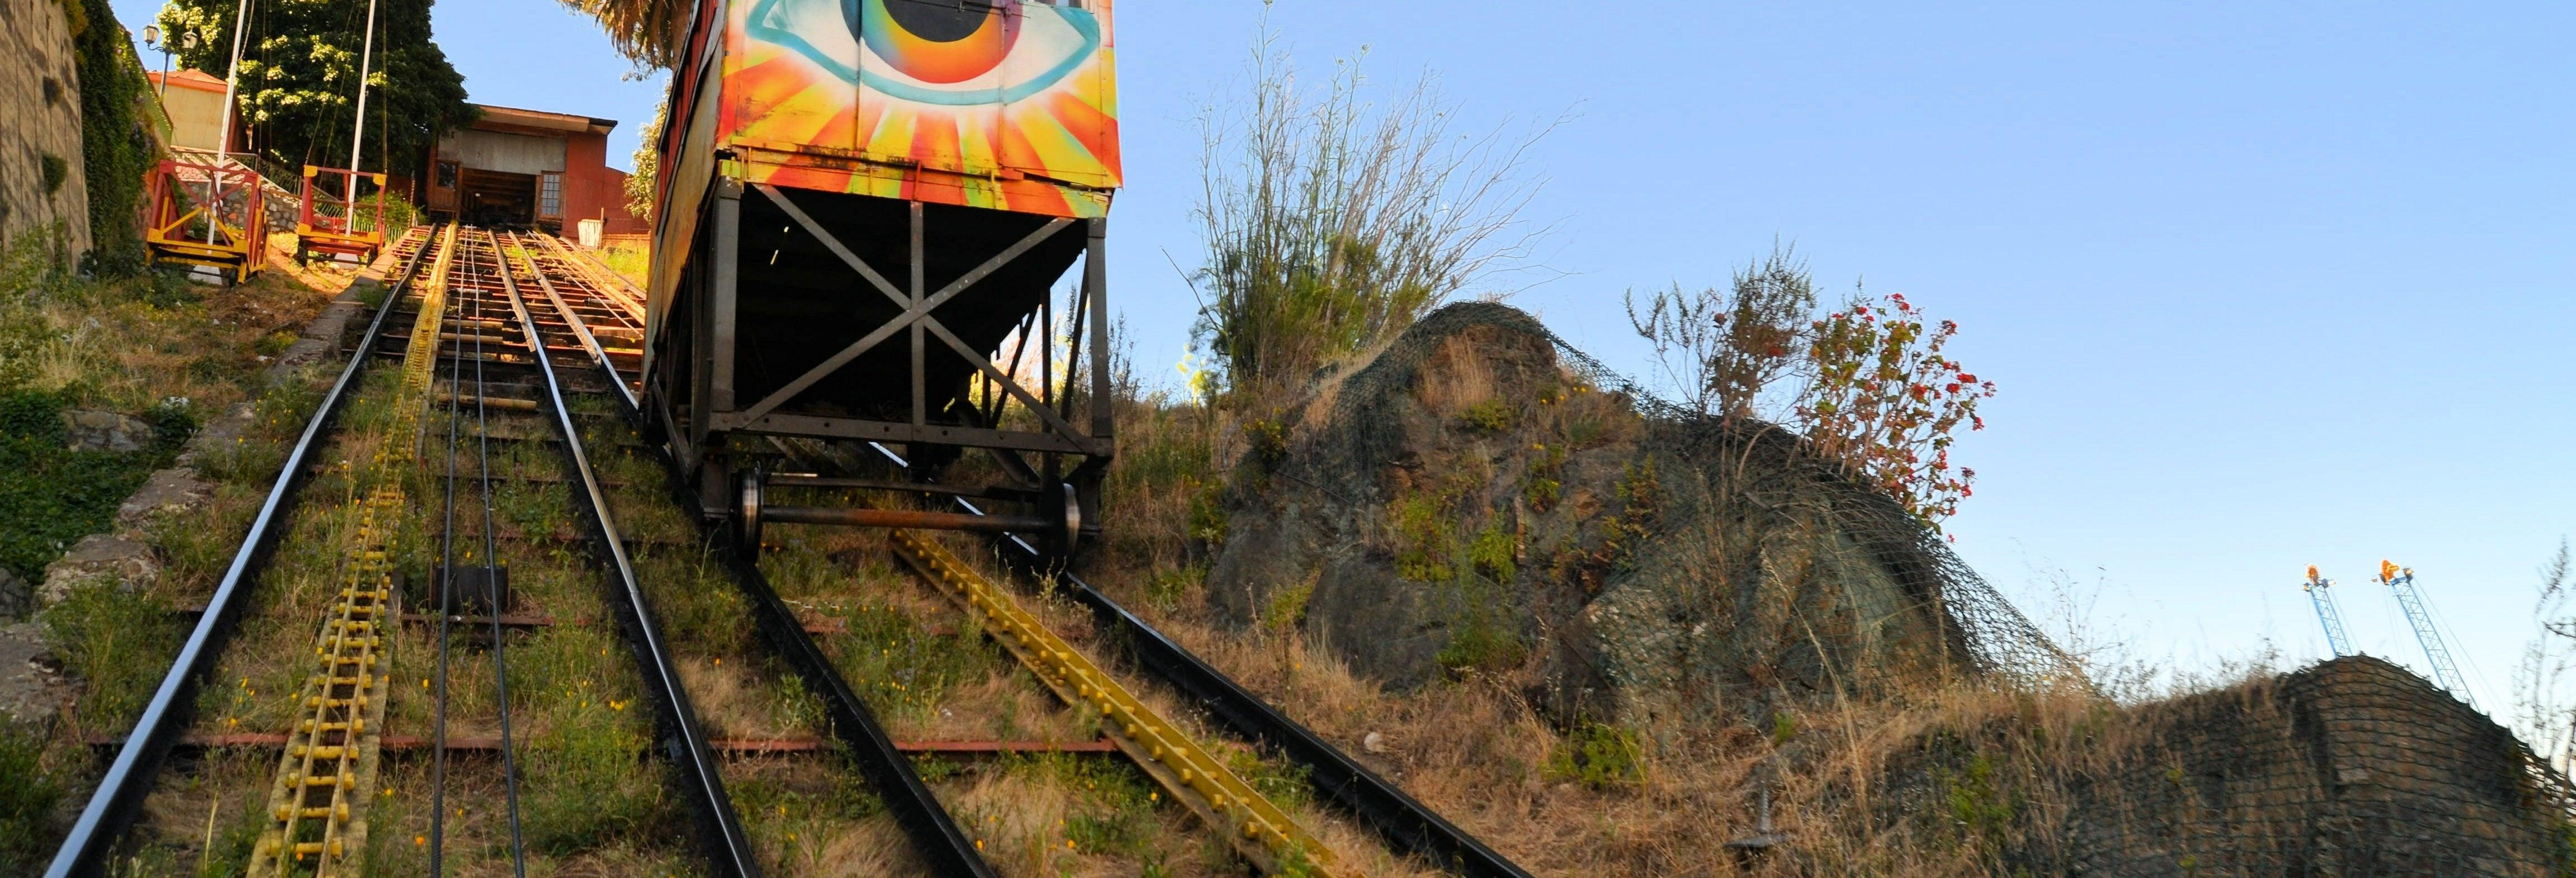 Tour dos elevadores de Valparaíso